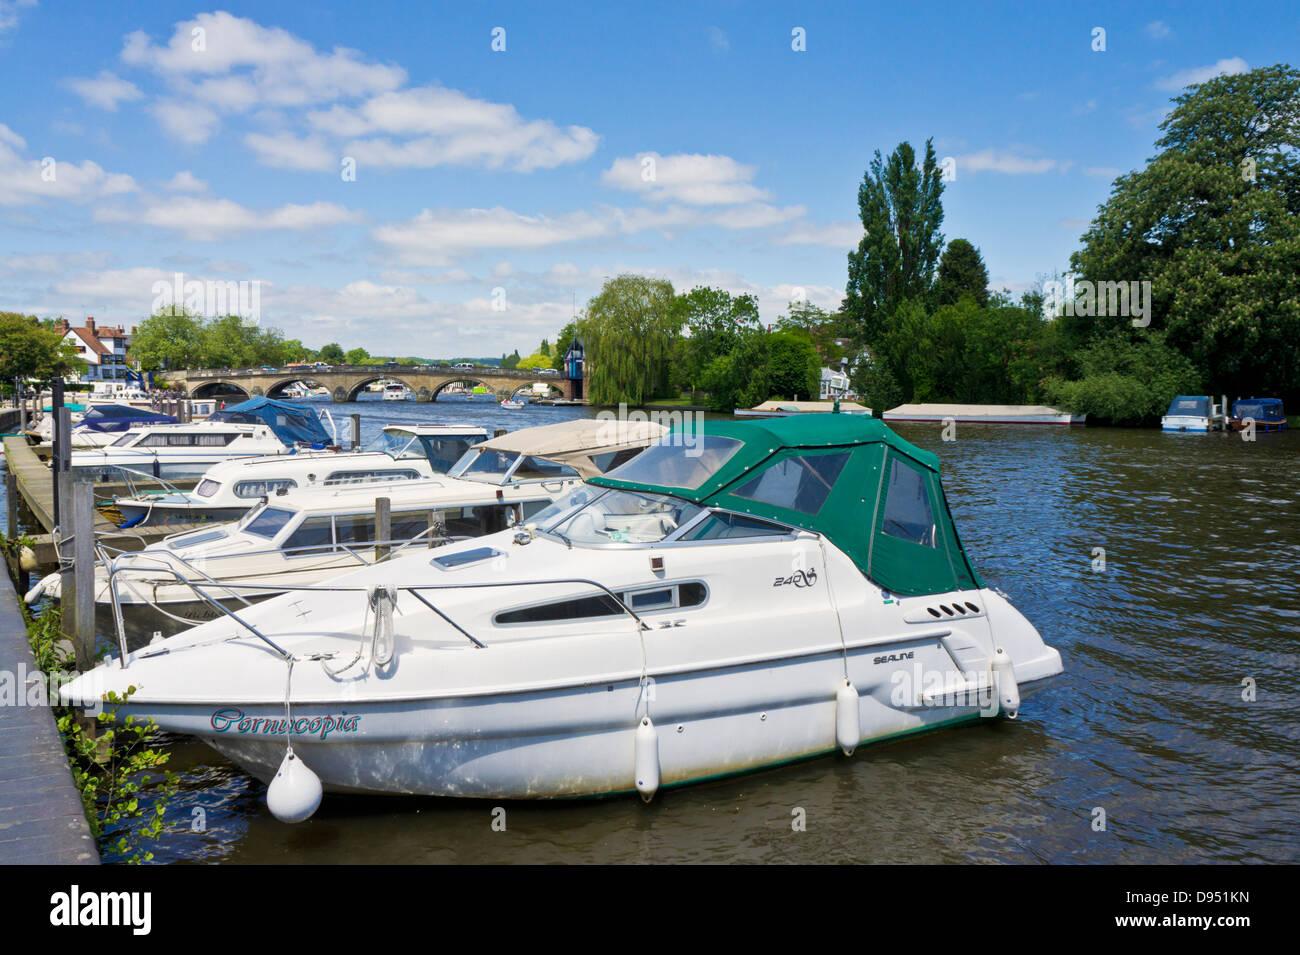 Bateaux amarrés le long de la Tamise à Henley-on-Thames, Oxfordshire England UK GB EU Europe Photo Stock